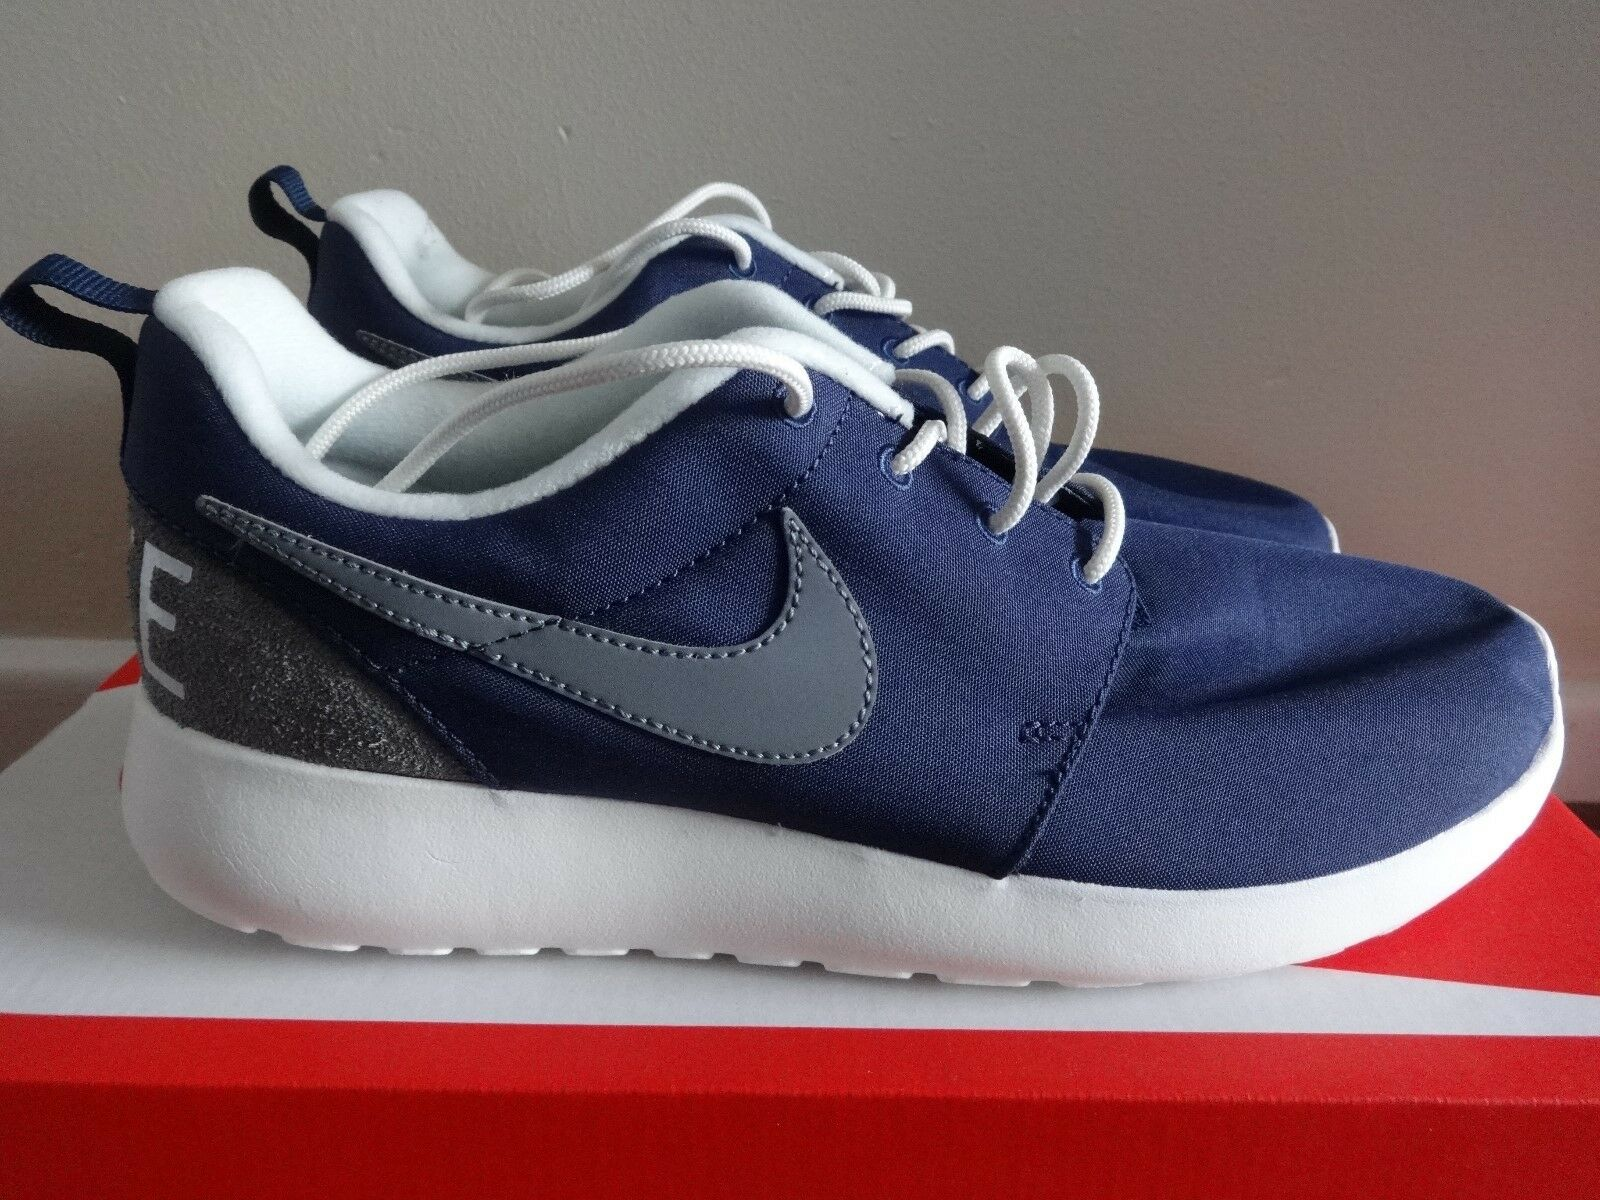 Nike Roshe One retro trainers sneakers 819881 401 uk 6 eu 40 us 7 NEW IN BOX